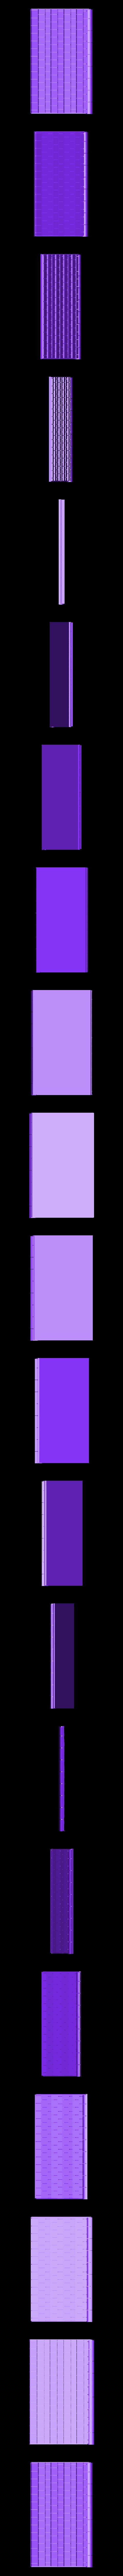 smith_rf_2.stl Télécharger fichier STL gratuit Ripper's London - Les boutiques Partie 1 - Smiths and Co • Plan pour impression 3D, Earsling